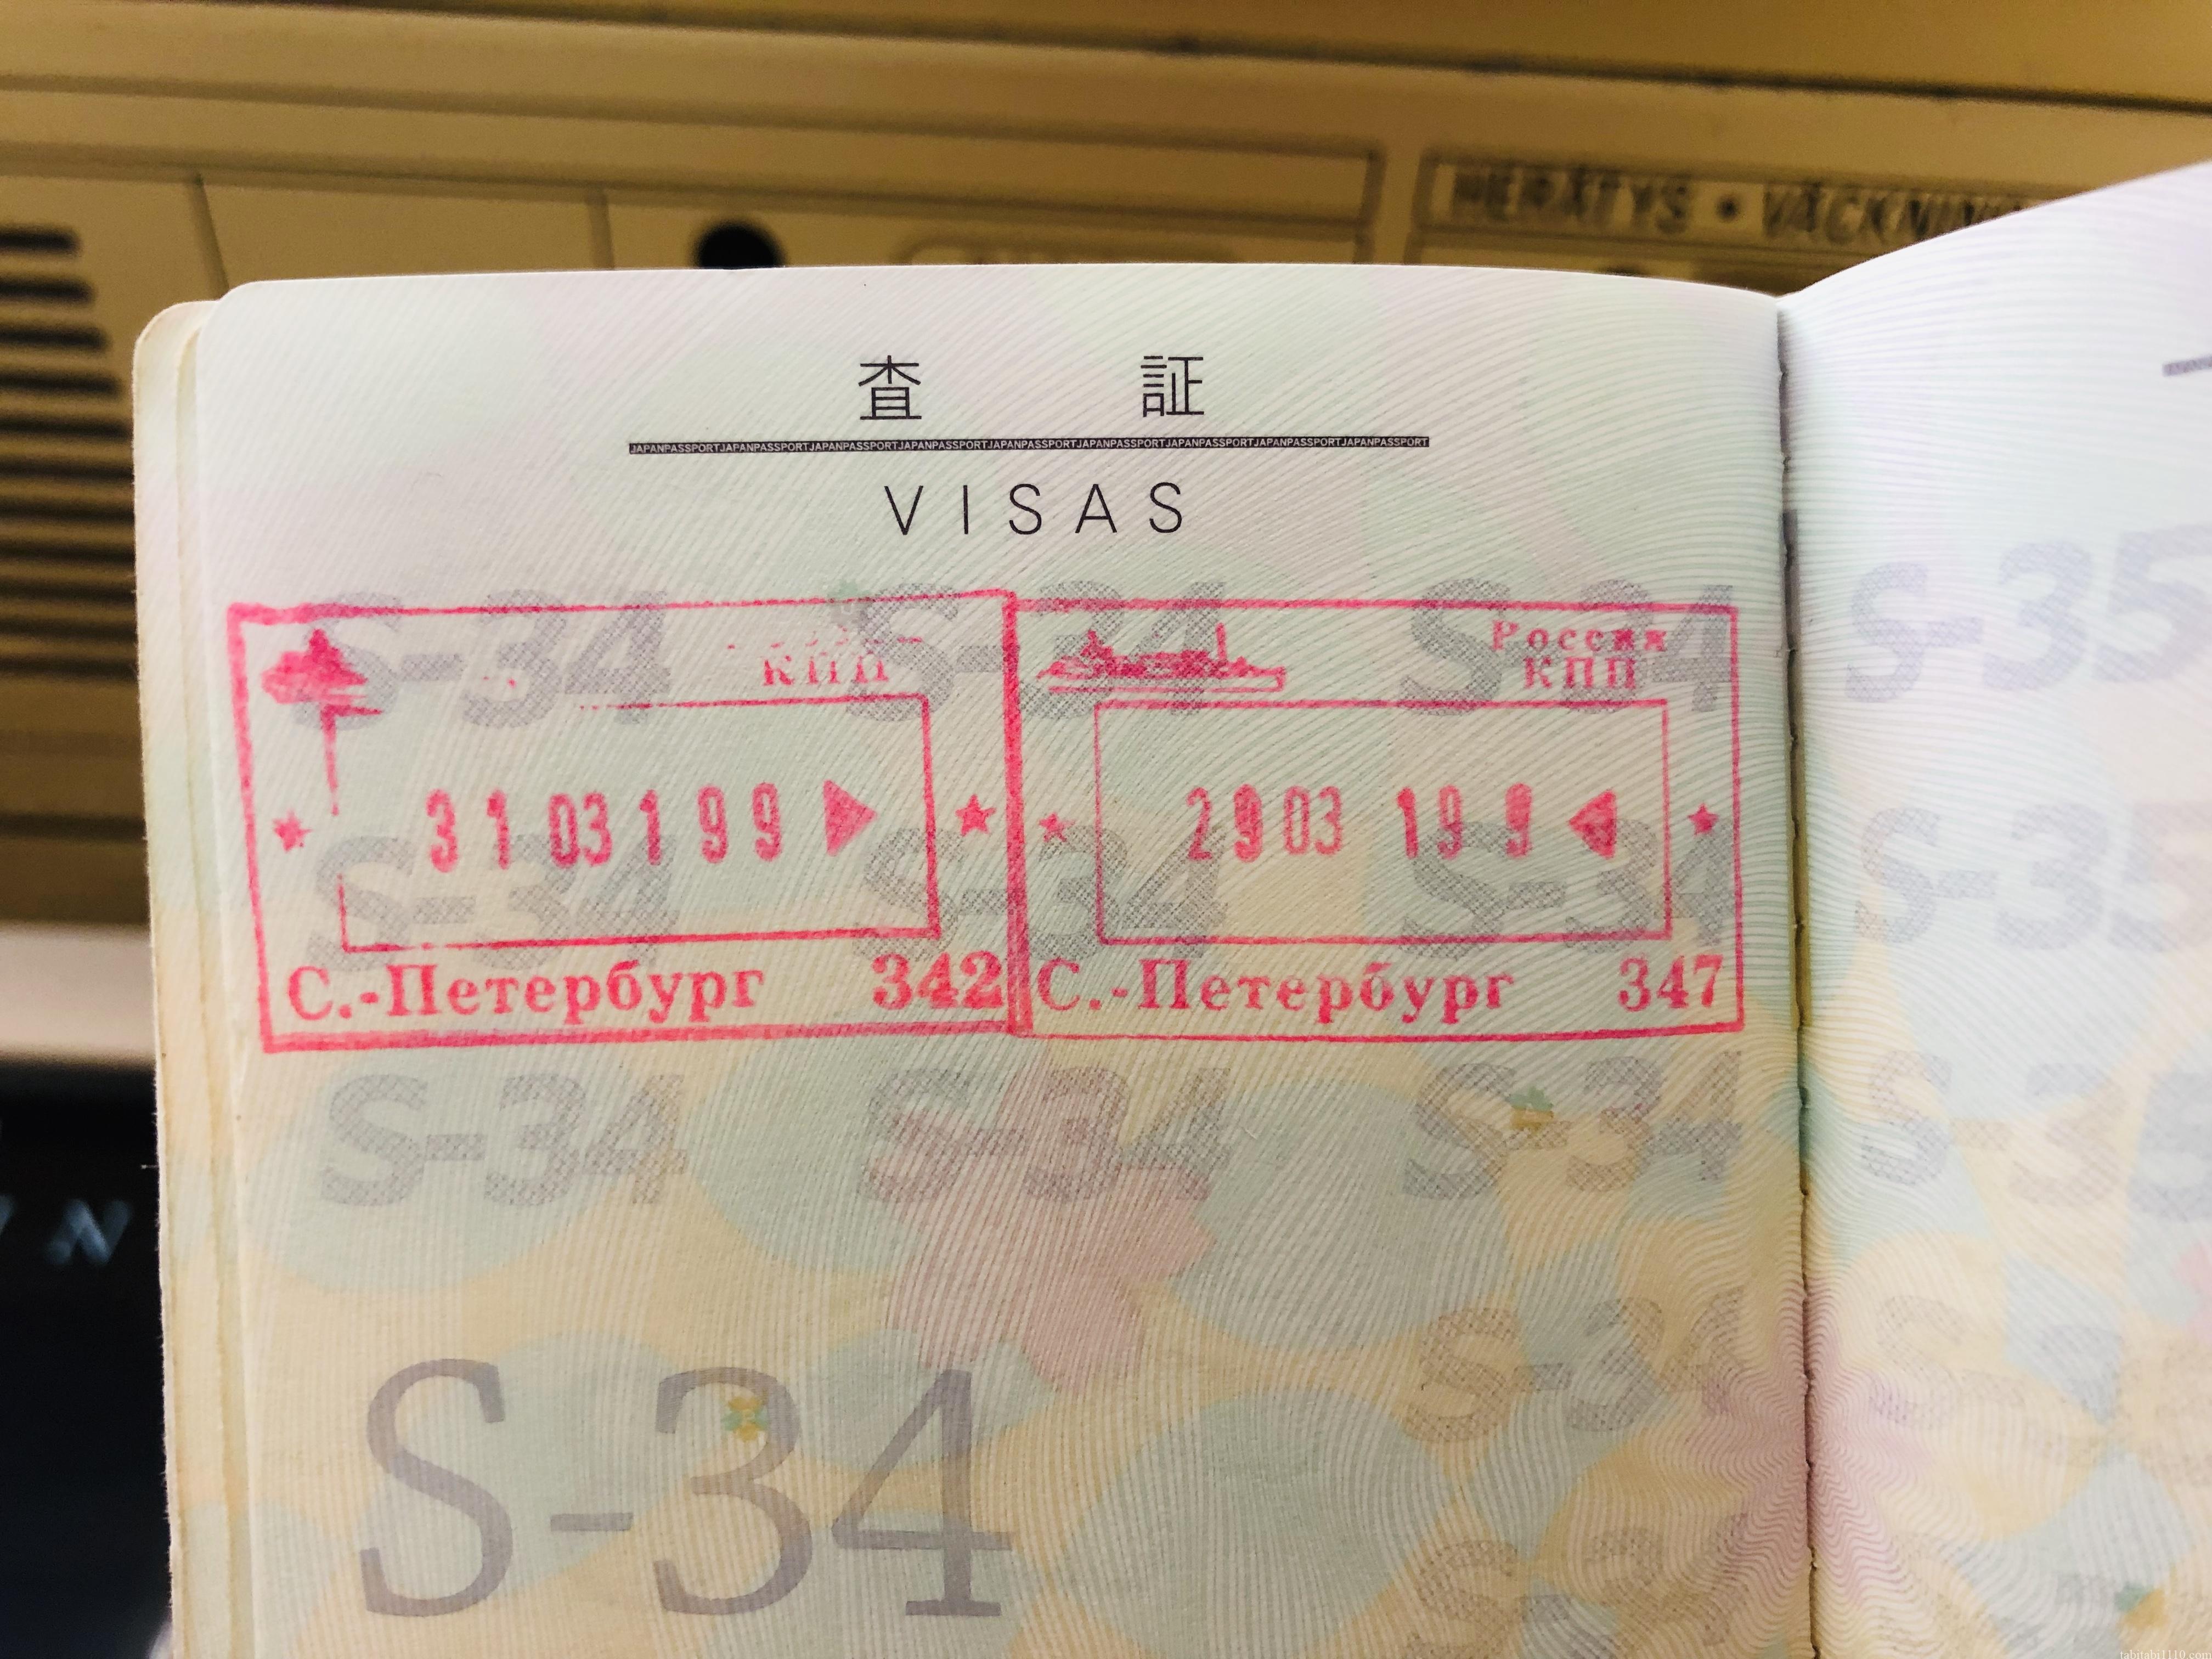 ロシア出入国スタンプ